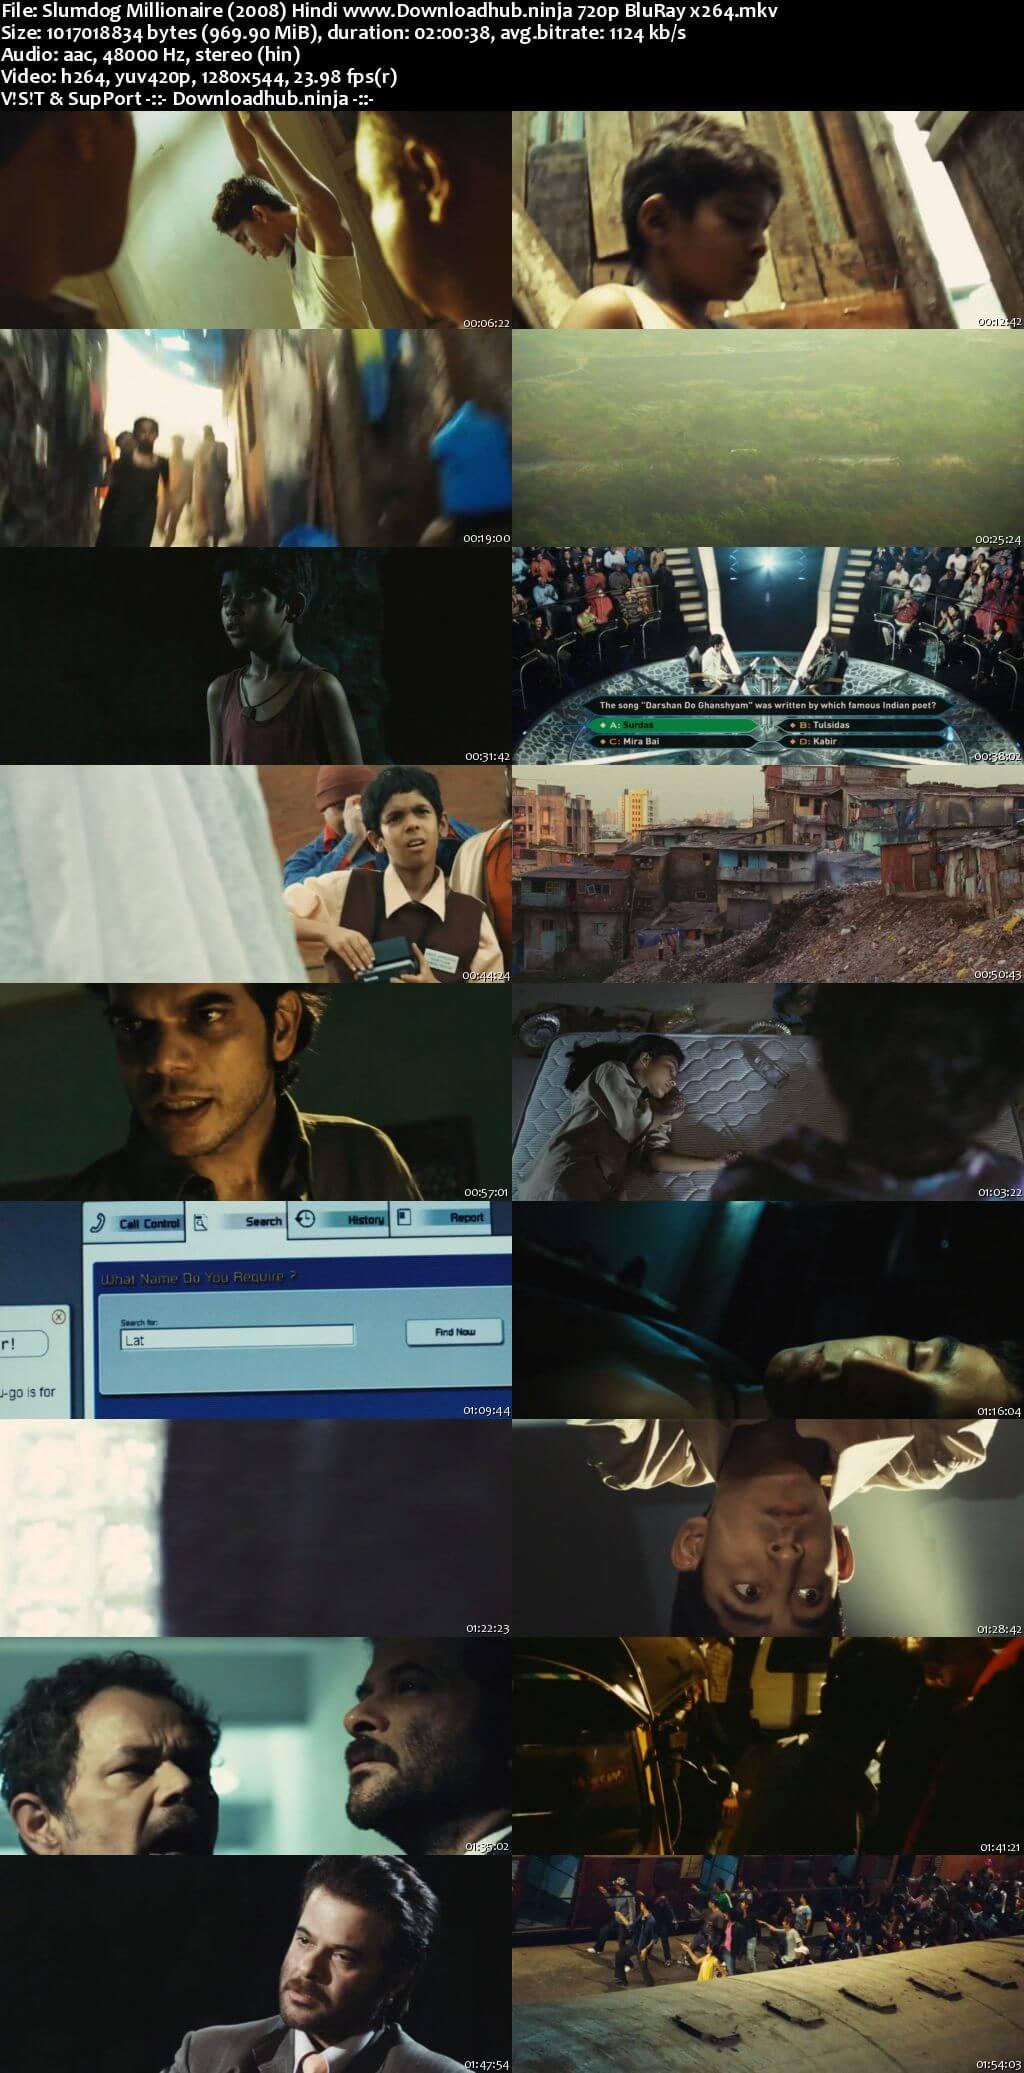 Slumdog Millionaire 2008 Hindi 720p BluRay x264